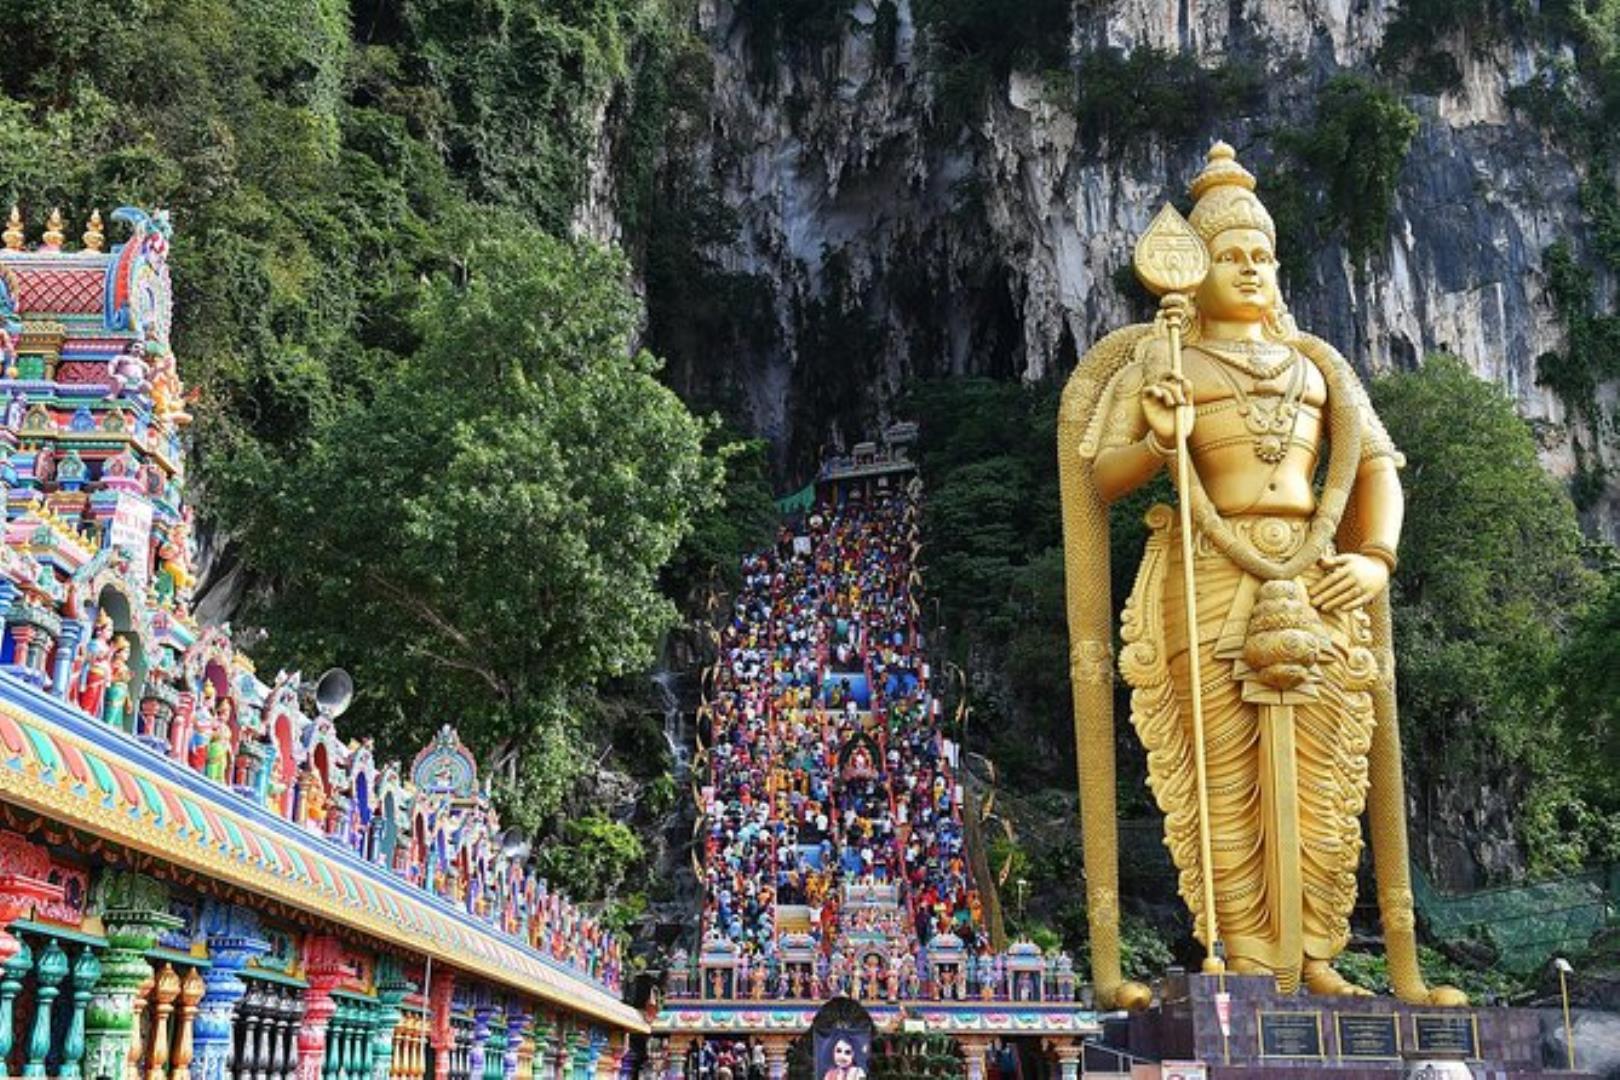 کوالالامپور مالزی یکی از بهترین مقاصد آسیایی